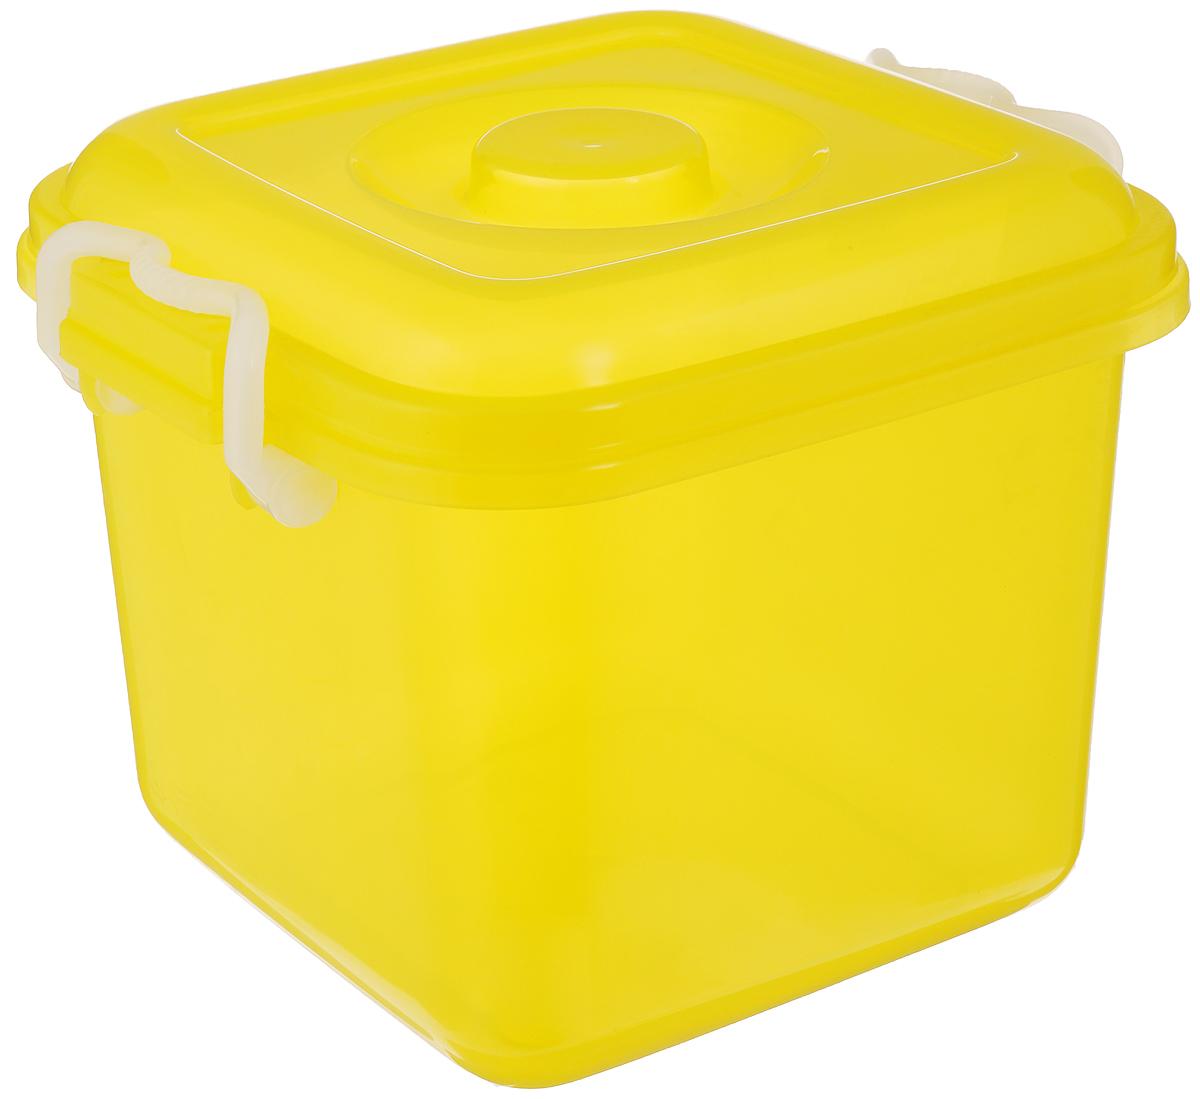 Контейнер для хранения Idea Океаник, цвет: желтый, 8 лМ 2856Контейнер Idea Океаник, выполненный из высококачественного пищевого полипропилена, предназначен для хранения различных вещей. Он снабжен плотно закрывающейся крышкой со специальными боковыми фиксаторами. Вместительный контейнер позволит сохранить ваши вещи в порядке, а герметичная крышка предотвратит случайное открывание, а также защитит содержимое от пыли и грязи.